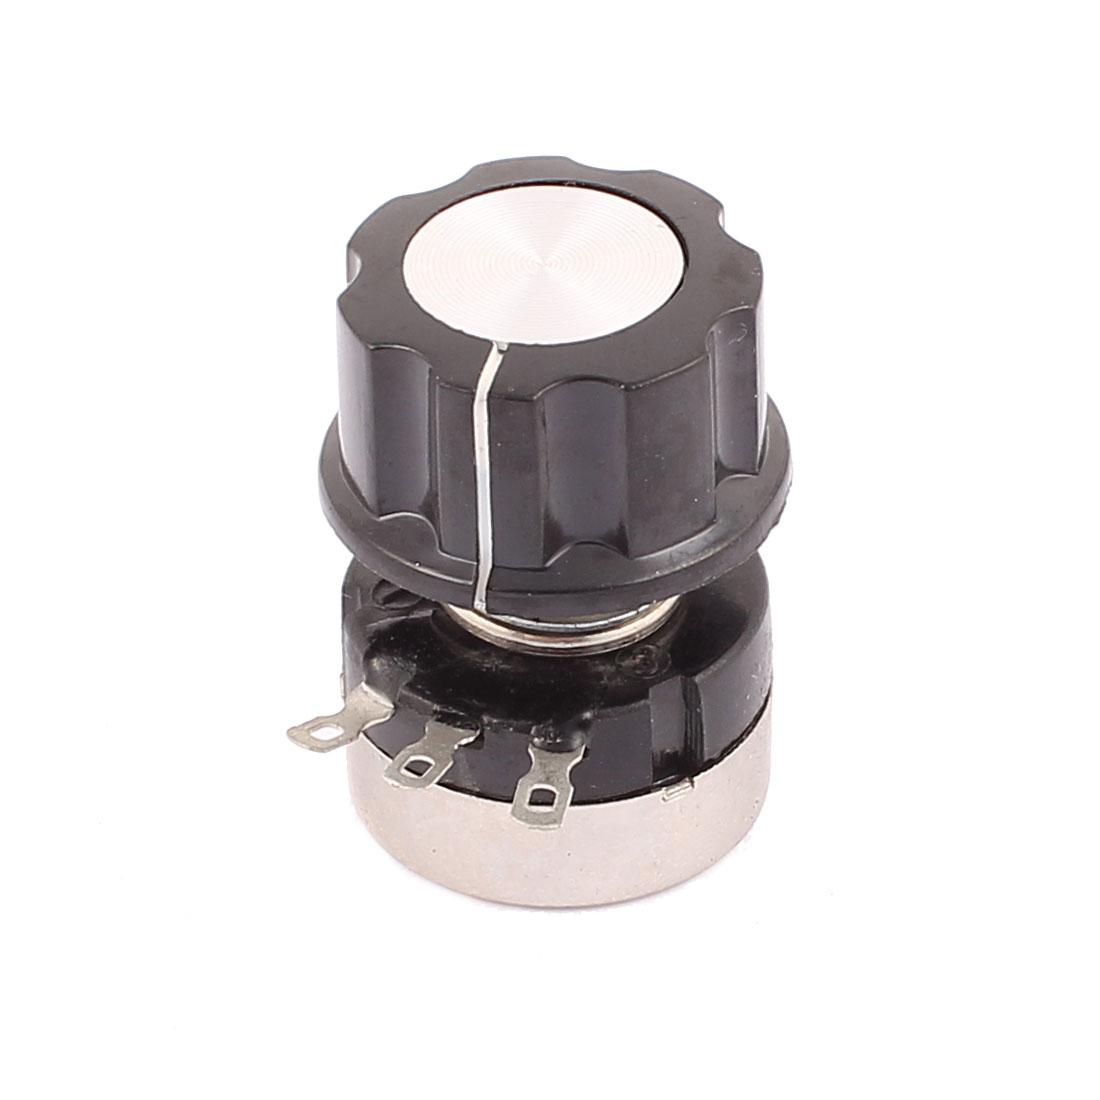 B203 0.25W Rotary Wirewound Potentiometer 20K Ohm Adjustable Resistance